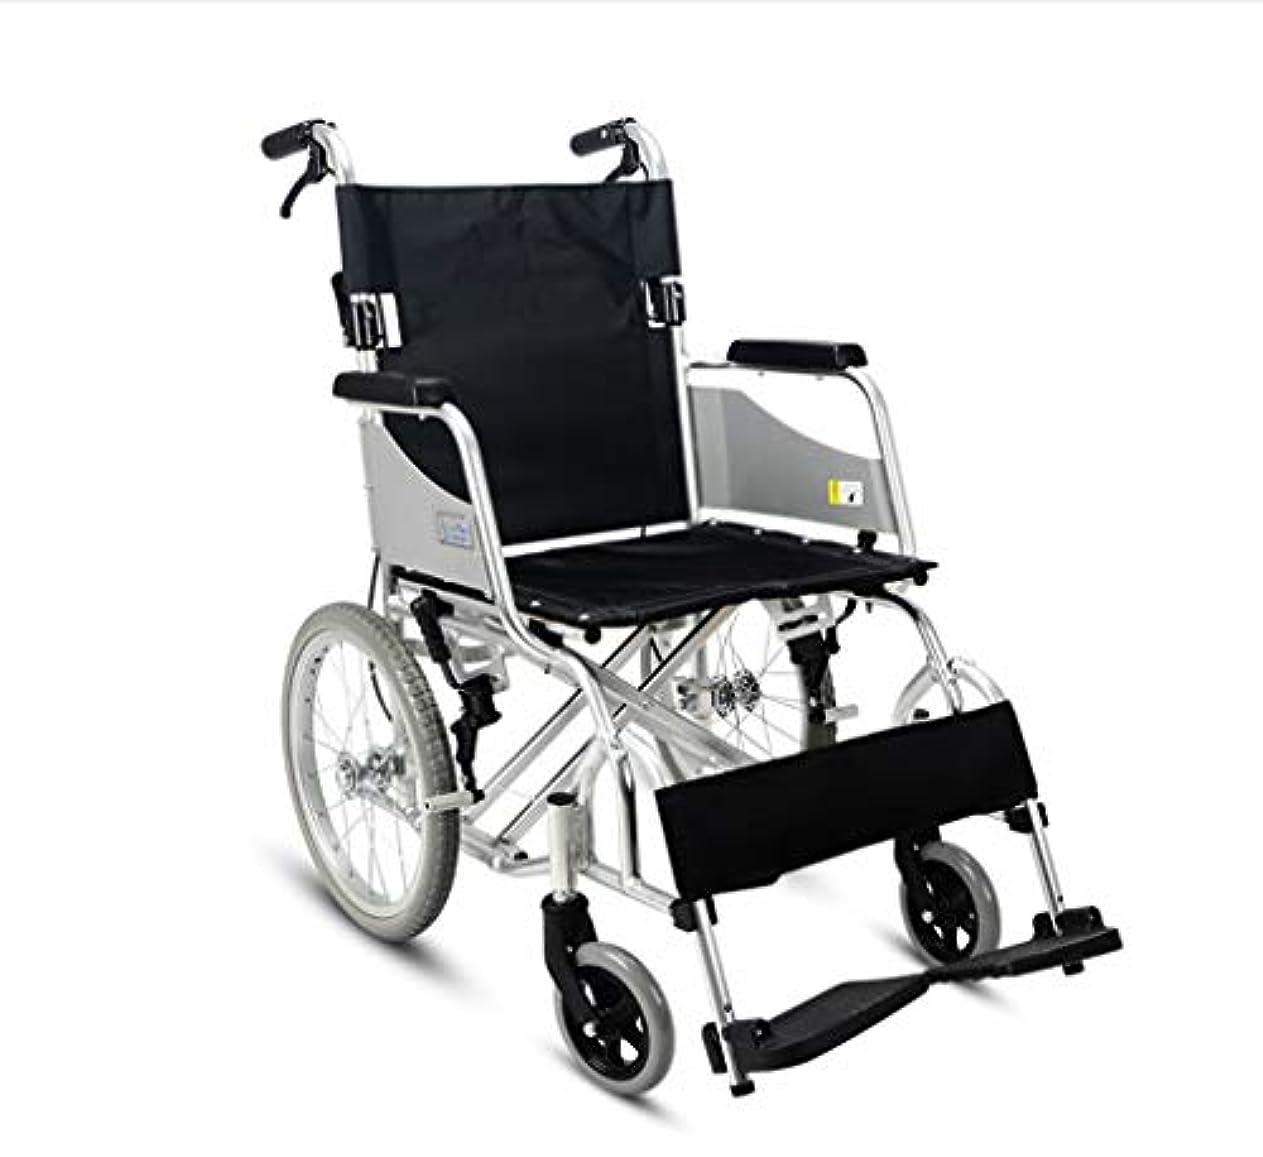 純粋にバンケット数学的な車椅子高齢者ポータブル、折りたたみハンドプッシュ屋外旅行車椅子